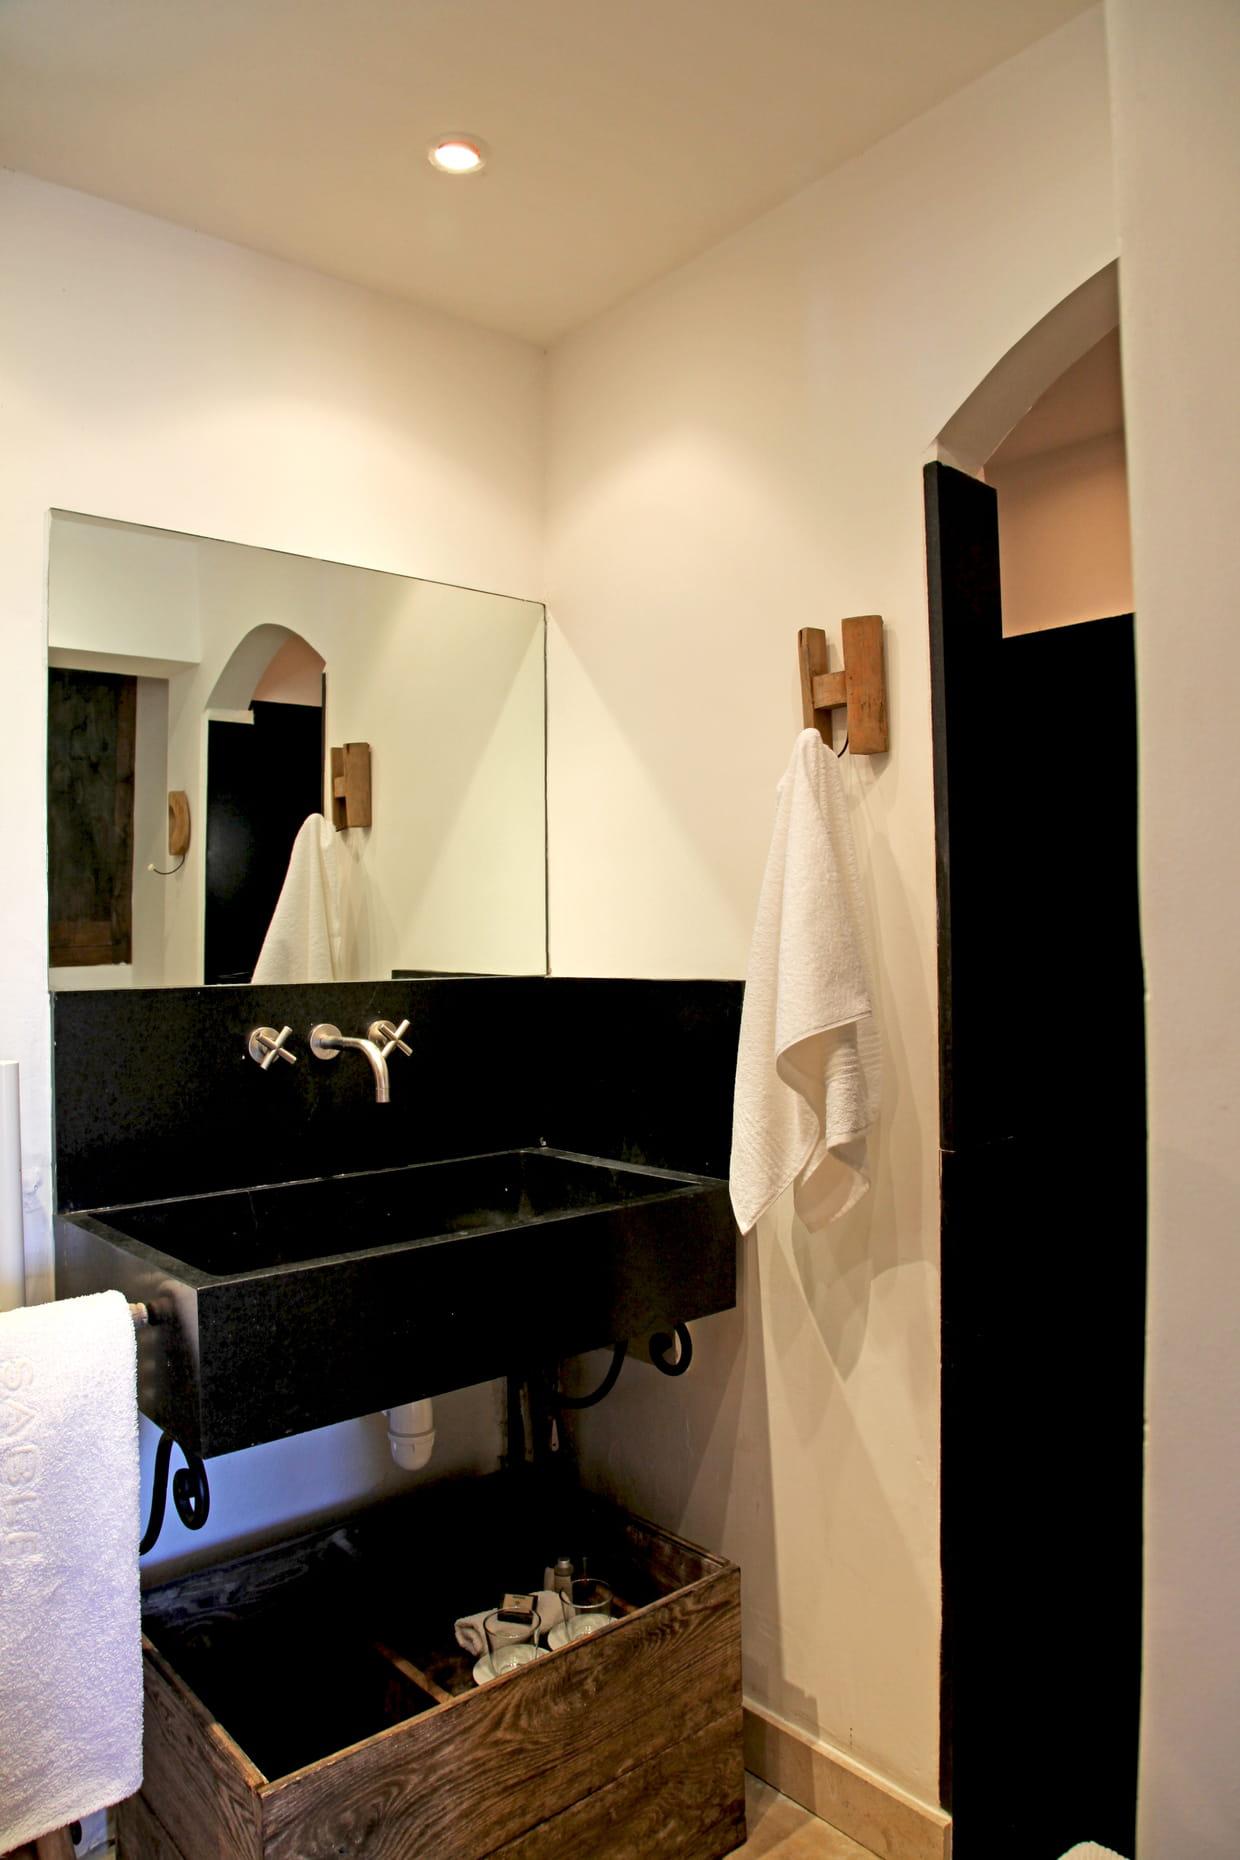 Une salle de bains taille r duite for Taille salle de bain